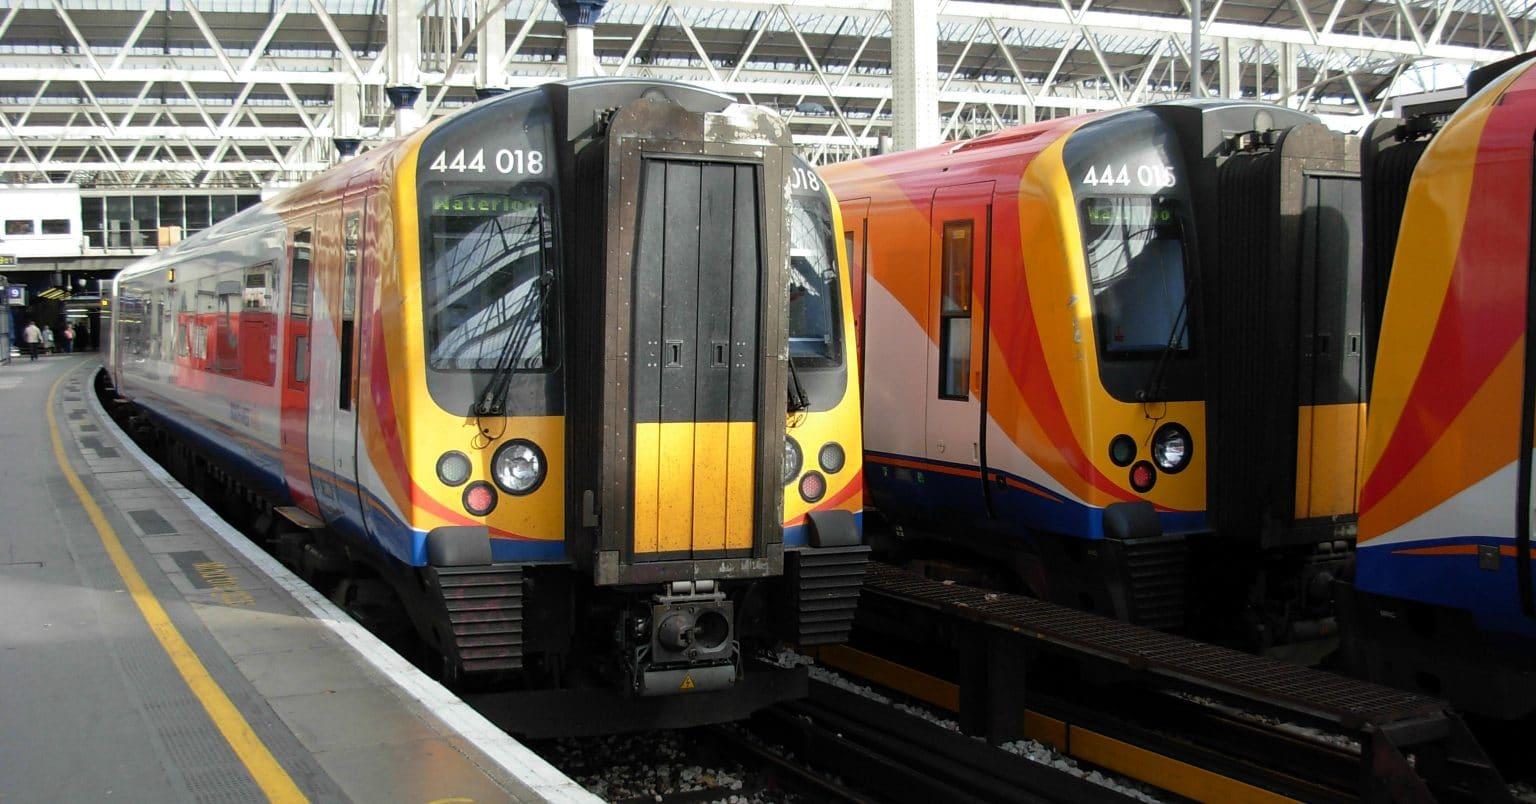 Unidades 444 en los andenes de la estación londinense de Waterloo. Foto: Miguel Bustos.